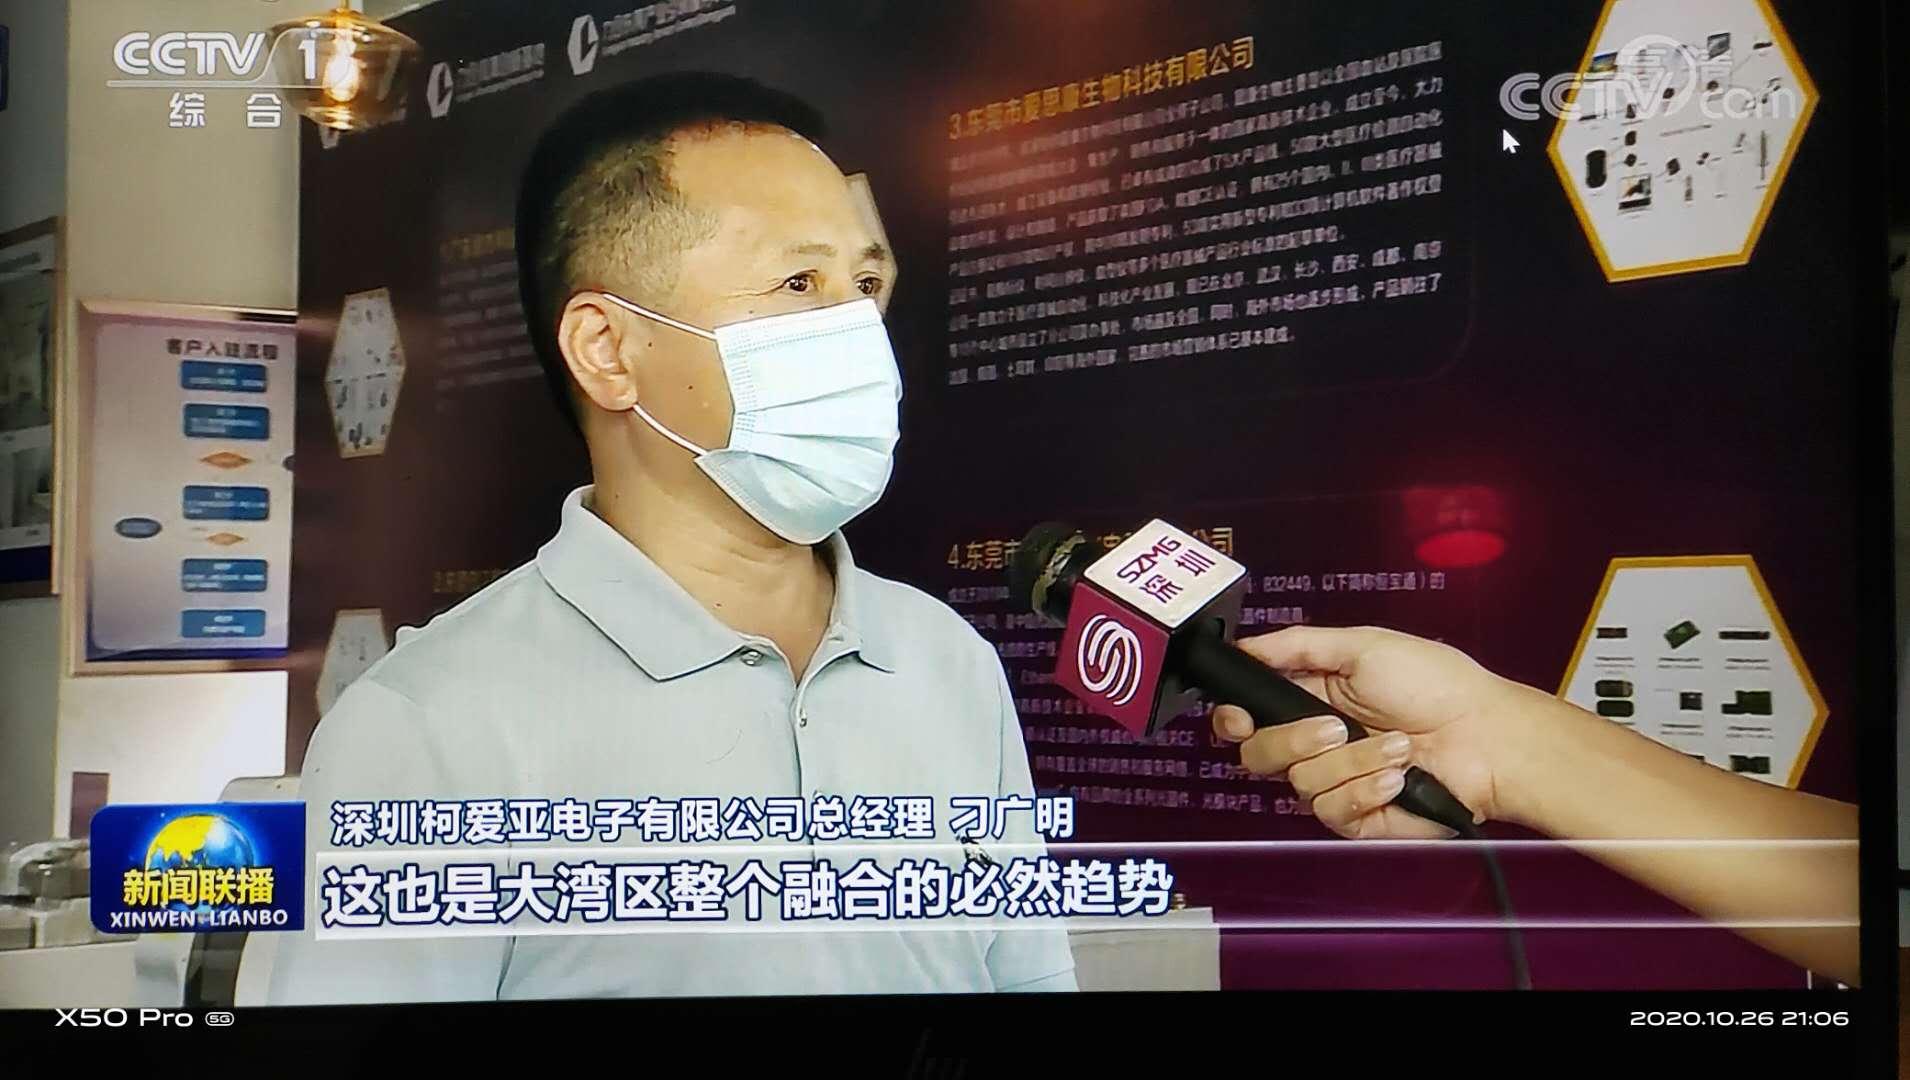 柯爱亚借深圳外溢高端智造亮相新闻联播